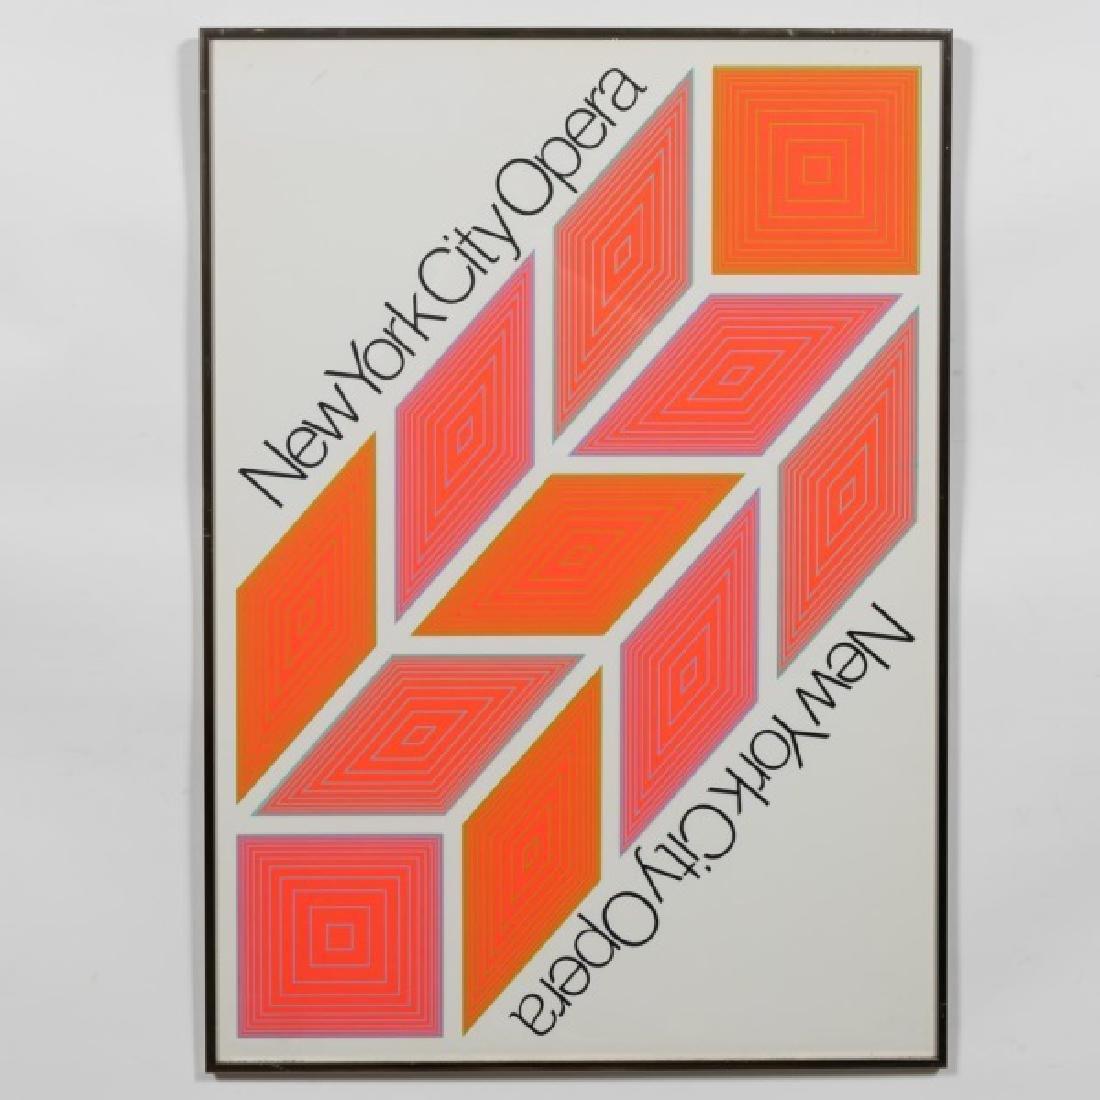 R. Anuszkiewicz New York City Opera Poster, 1968